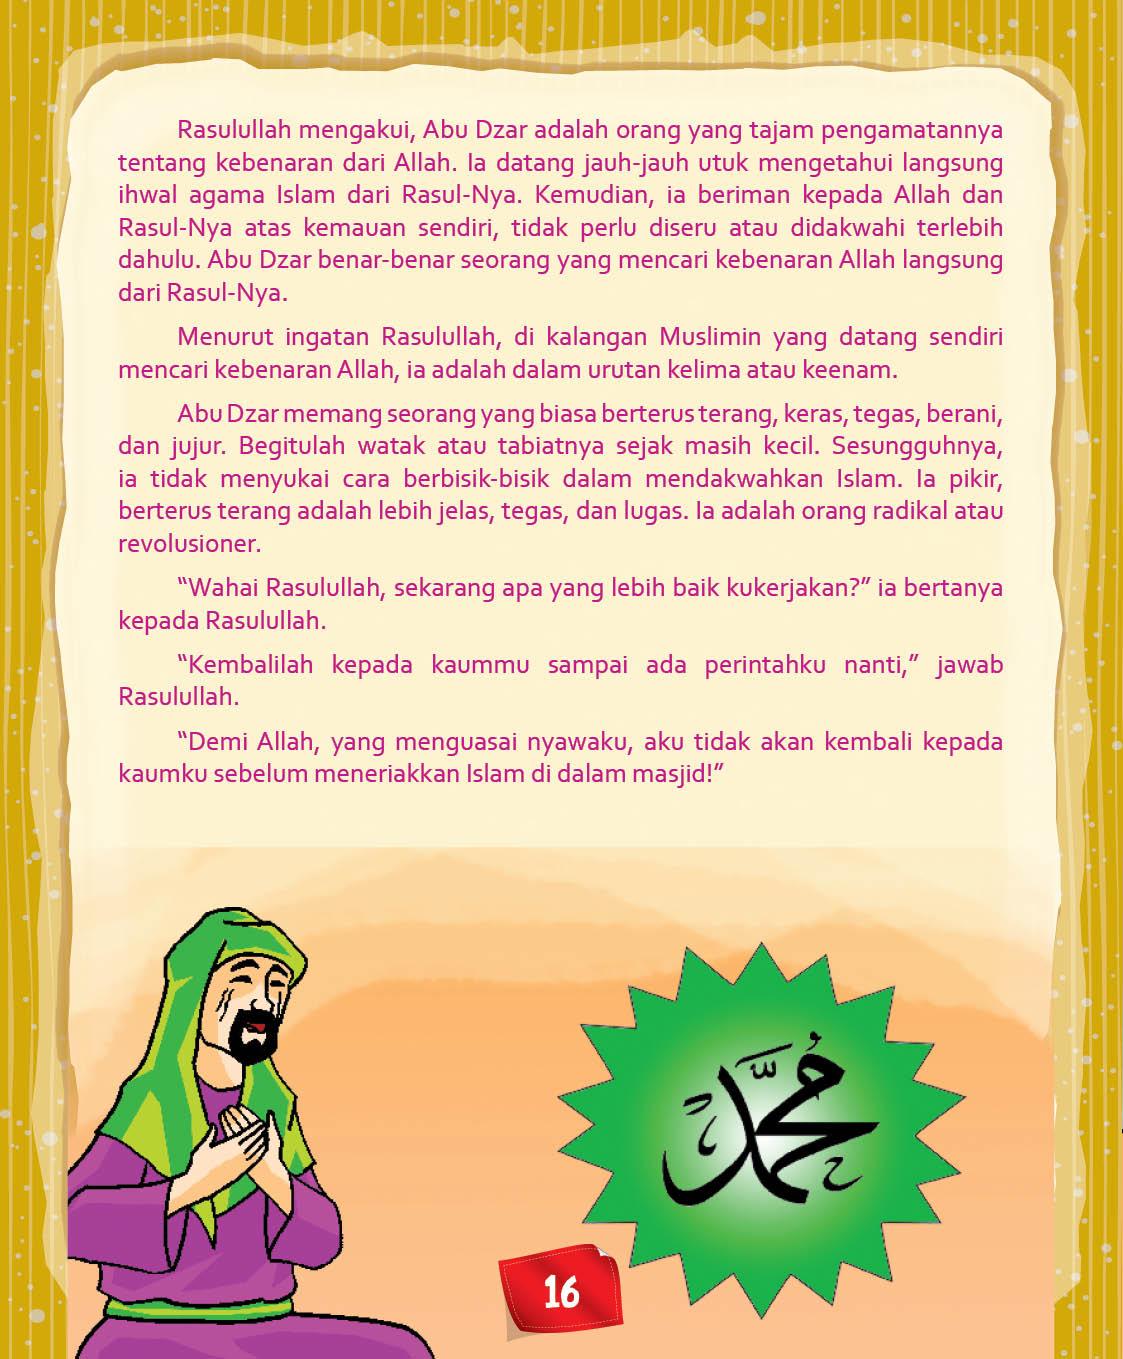 Download Ebook Abu Dzar Al Ghifari, Apa Tugas Pertama Rasulullah Untuk Abu Dzar